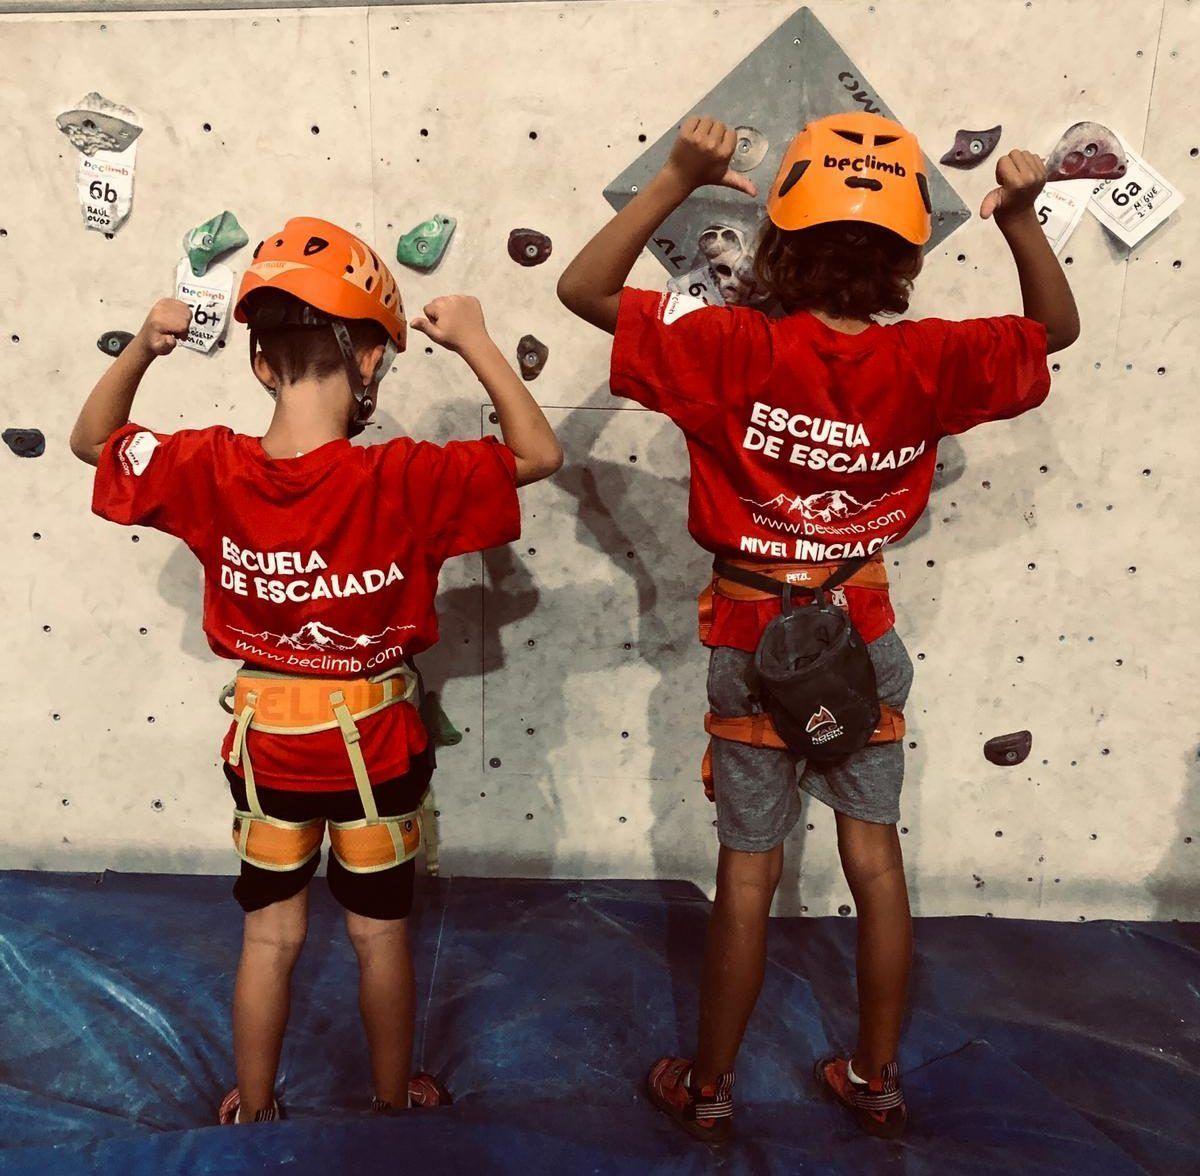 niños escuela escalada beclimb